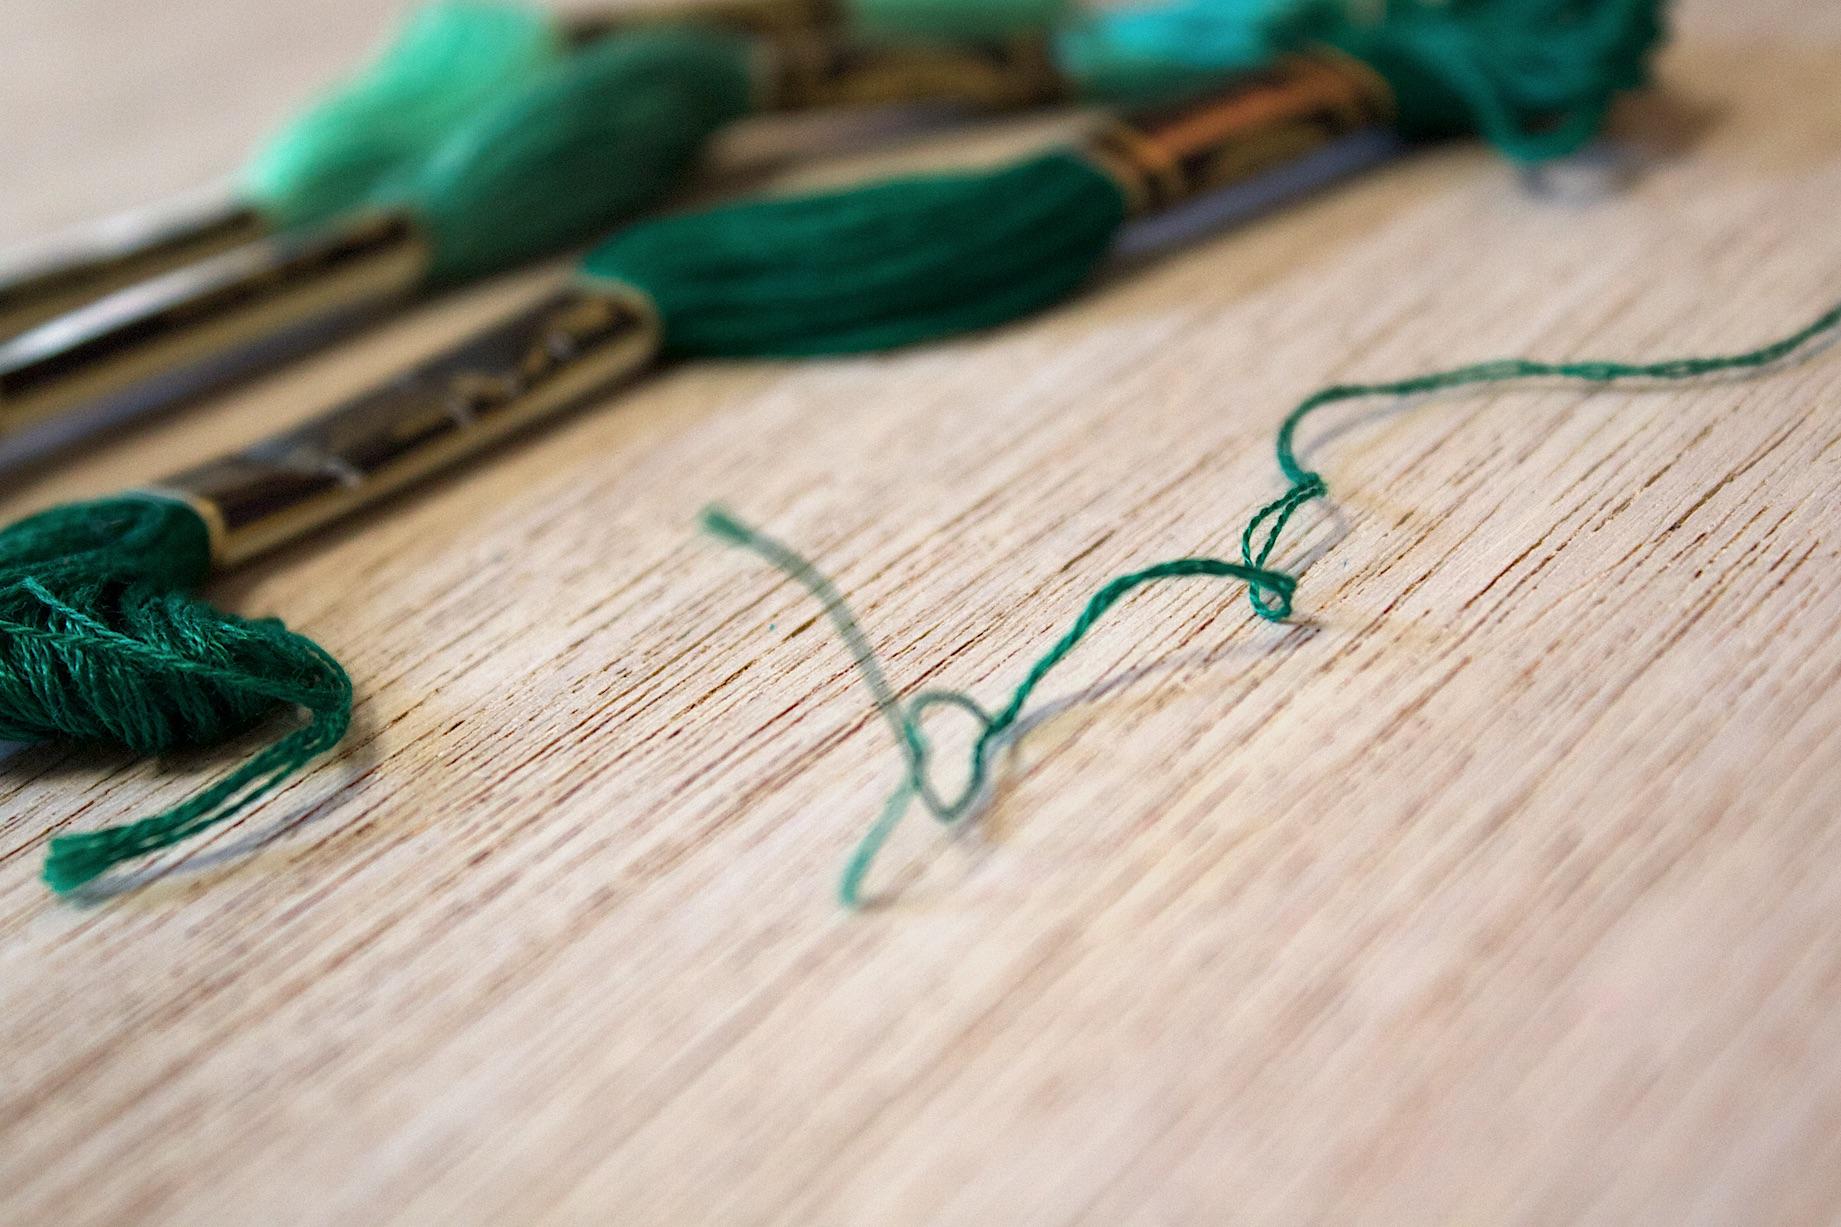 fili da ricamo per il punch needle